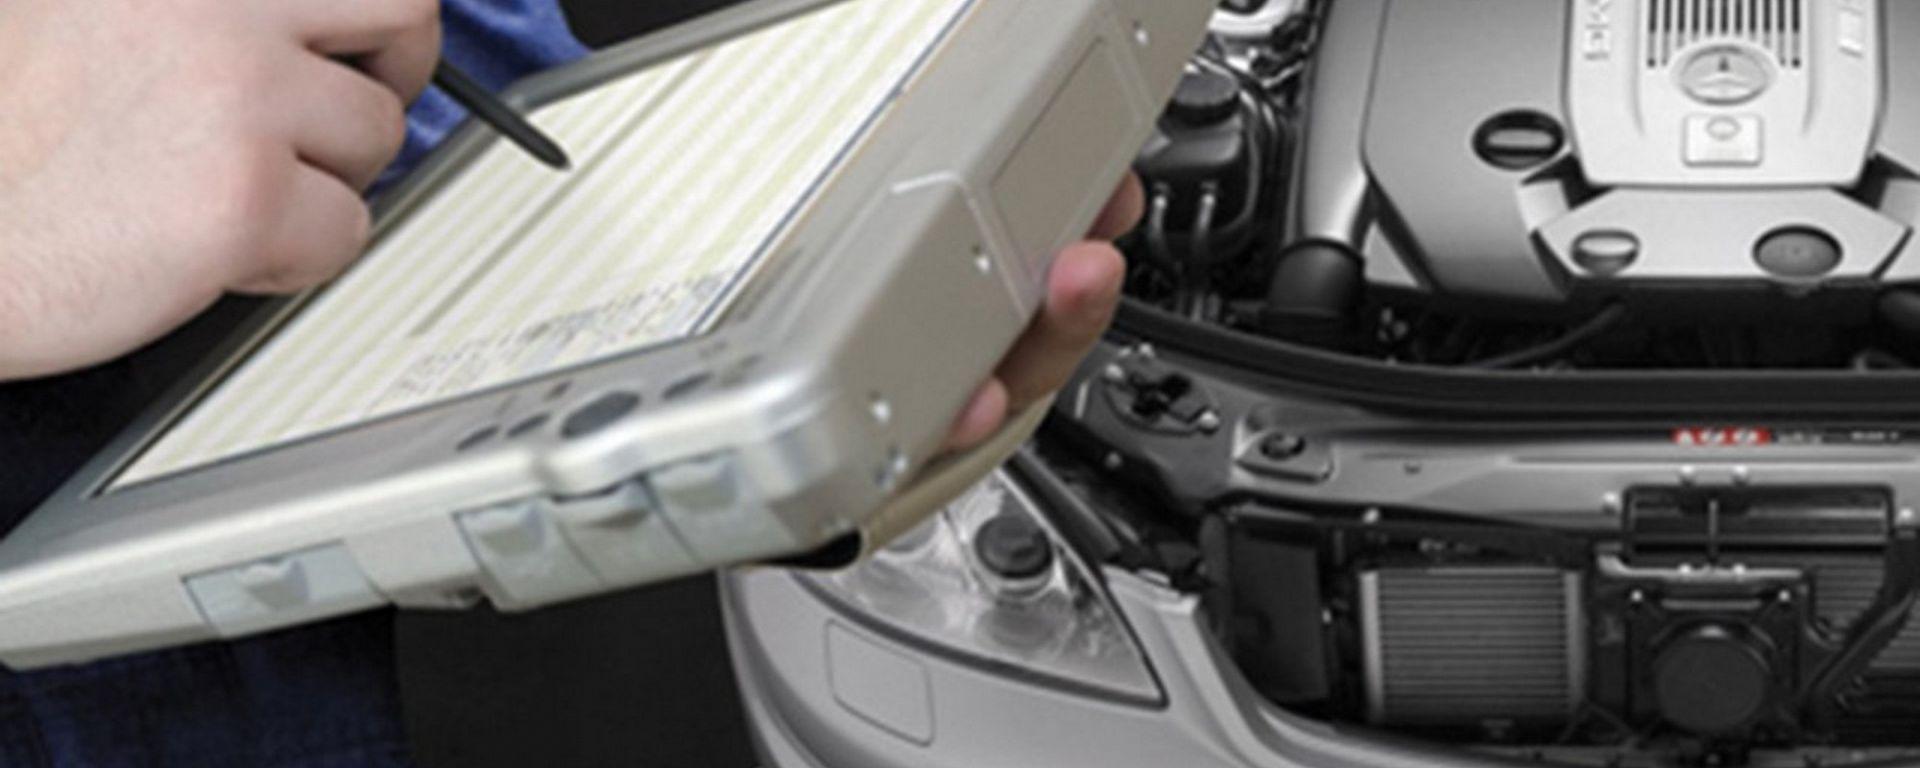 Revisione auto, un veicolo su quattro non è in regola